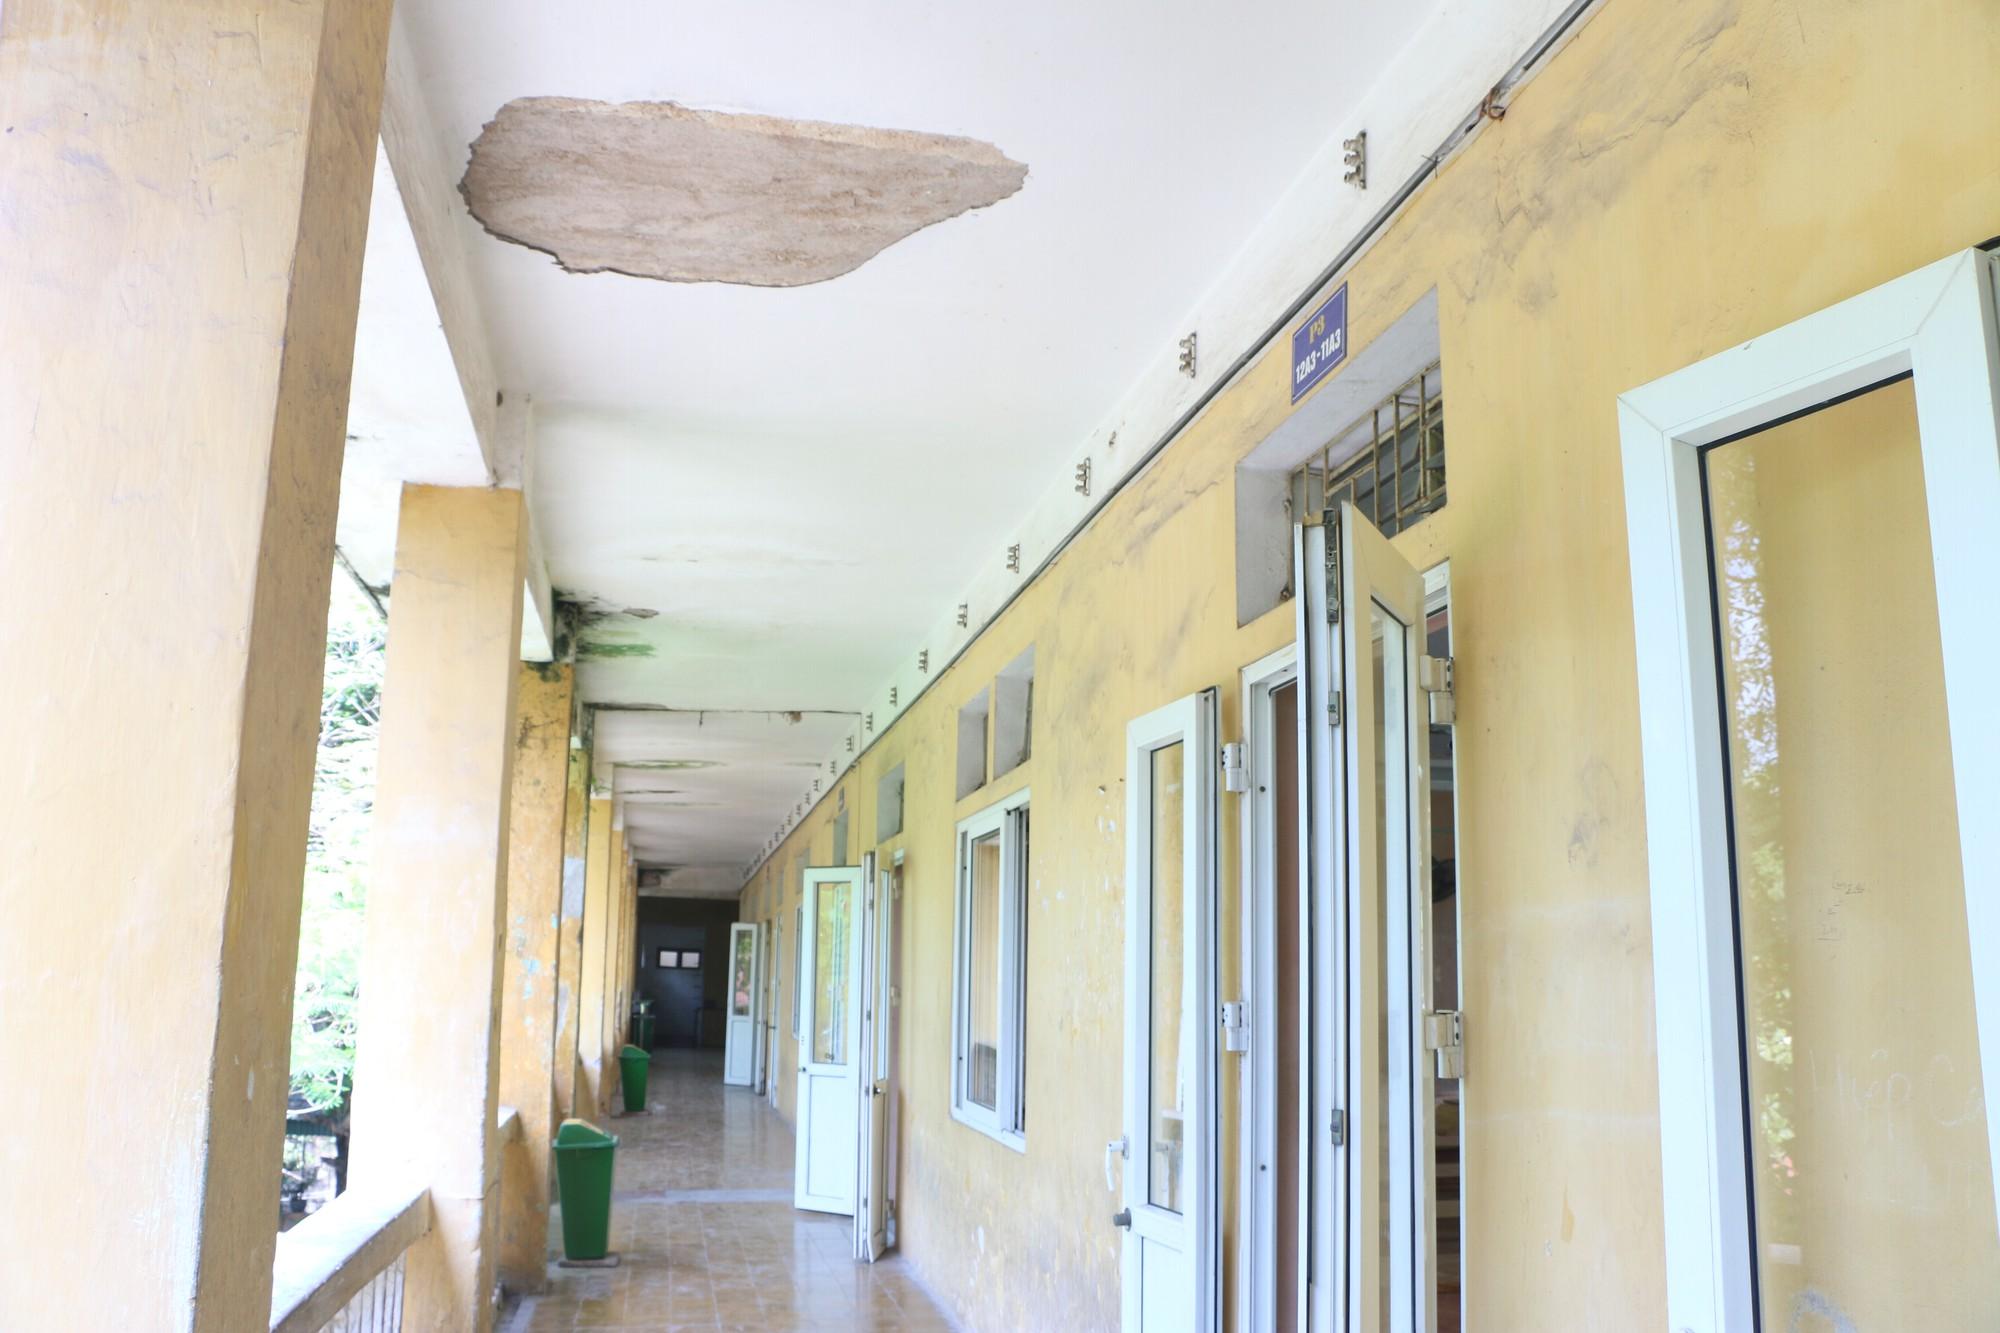 Vữa trần rơi, lan can được rào tạm bằng dây thép gai, ngôi trường cấp 3 giữa Hà Nội có nguy cơ đổ sập  - Ảnh 15.